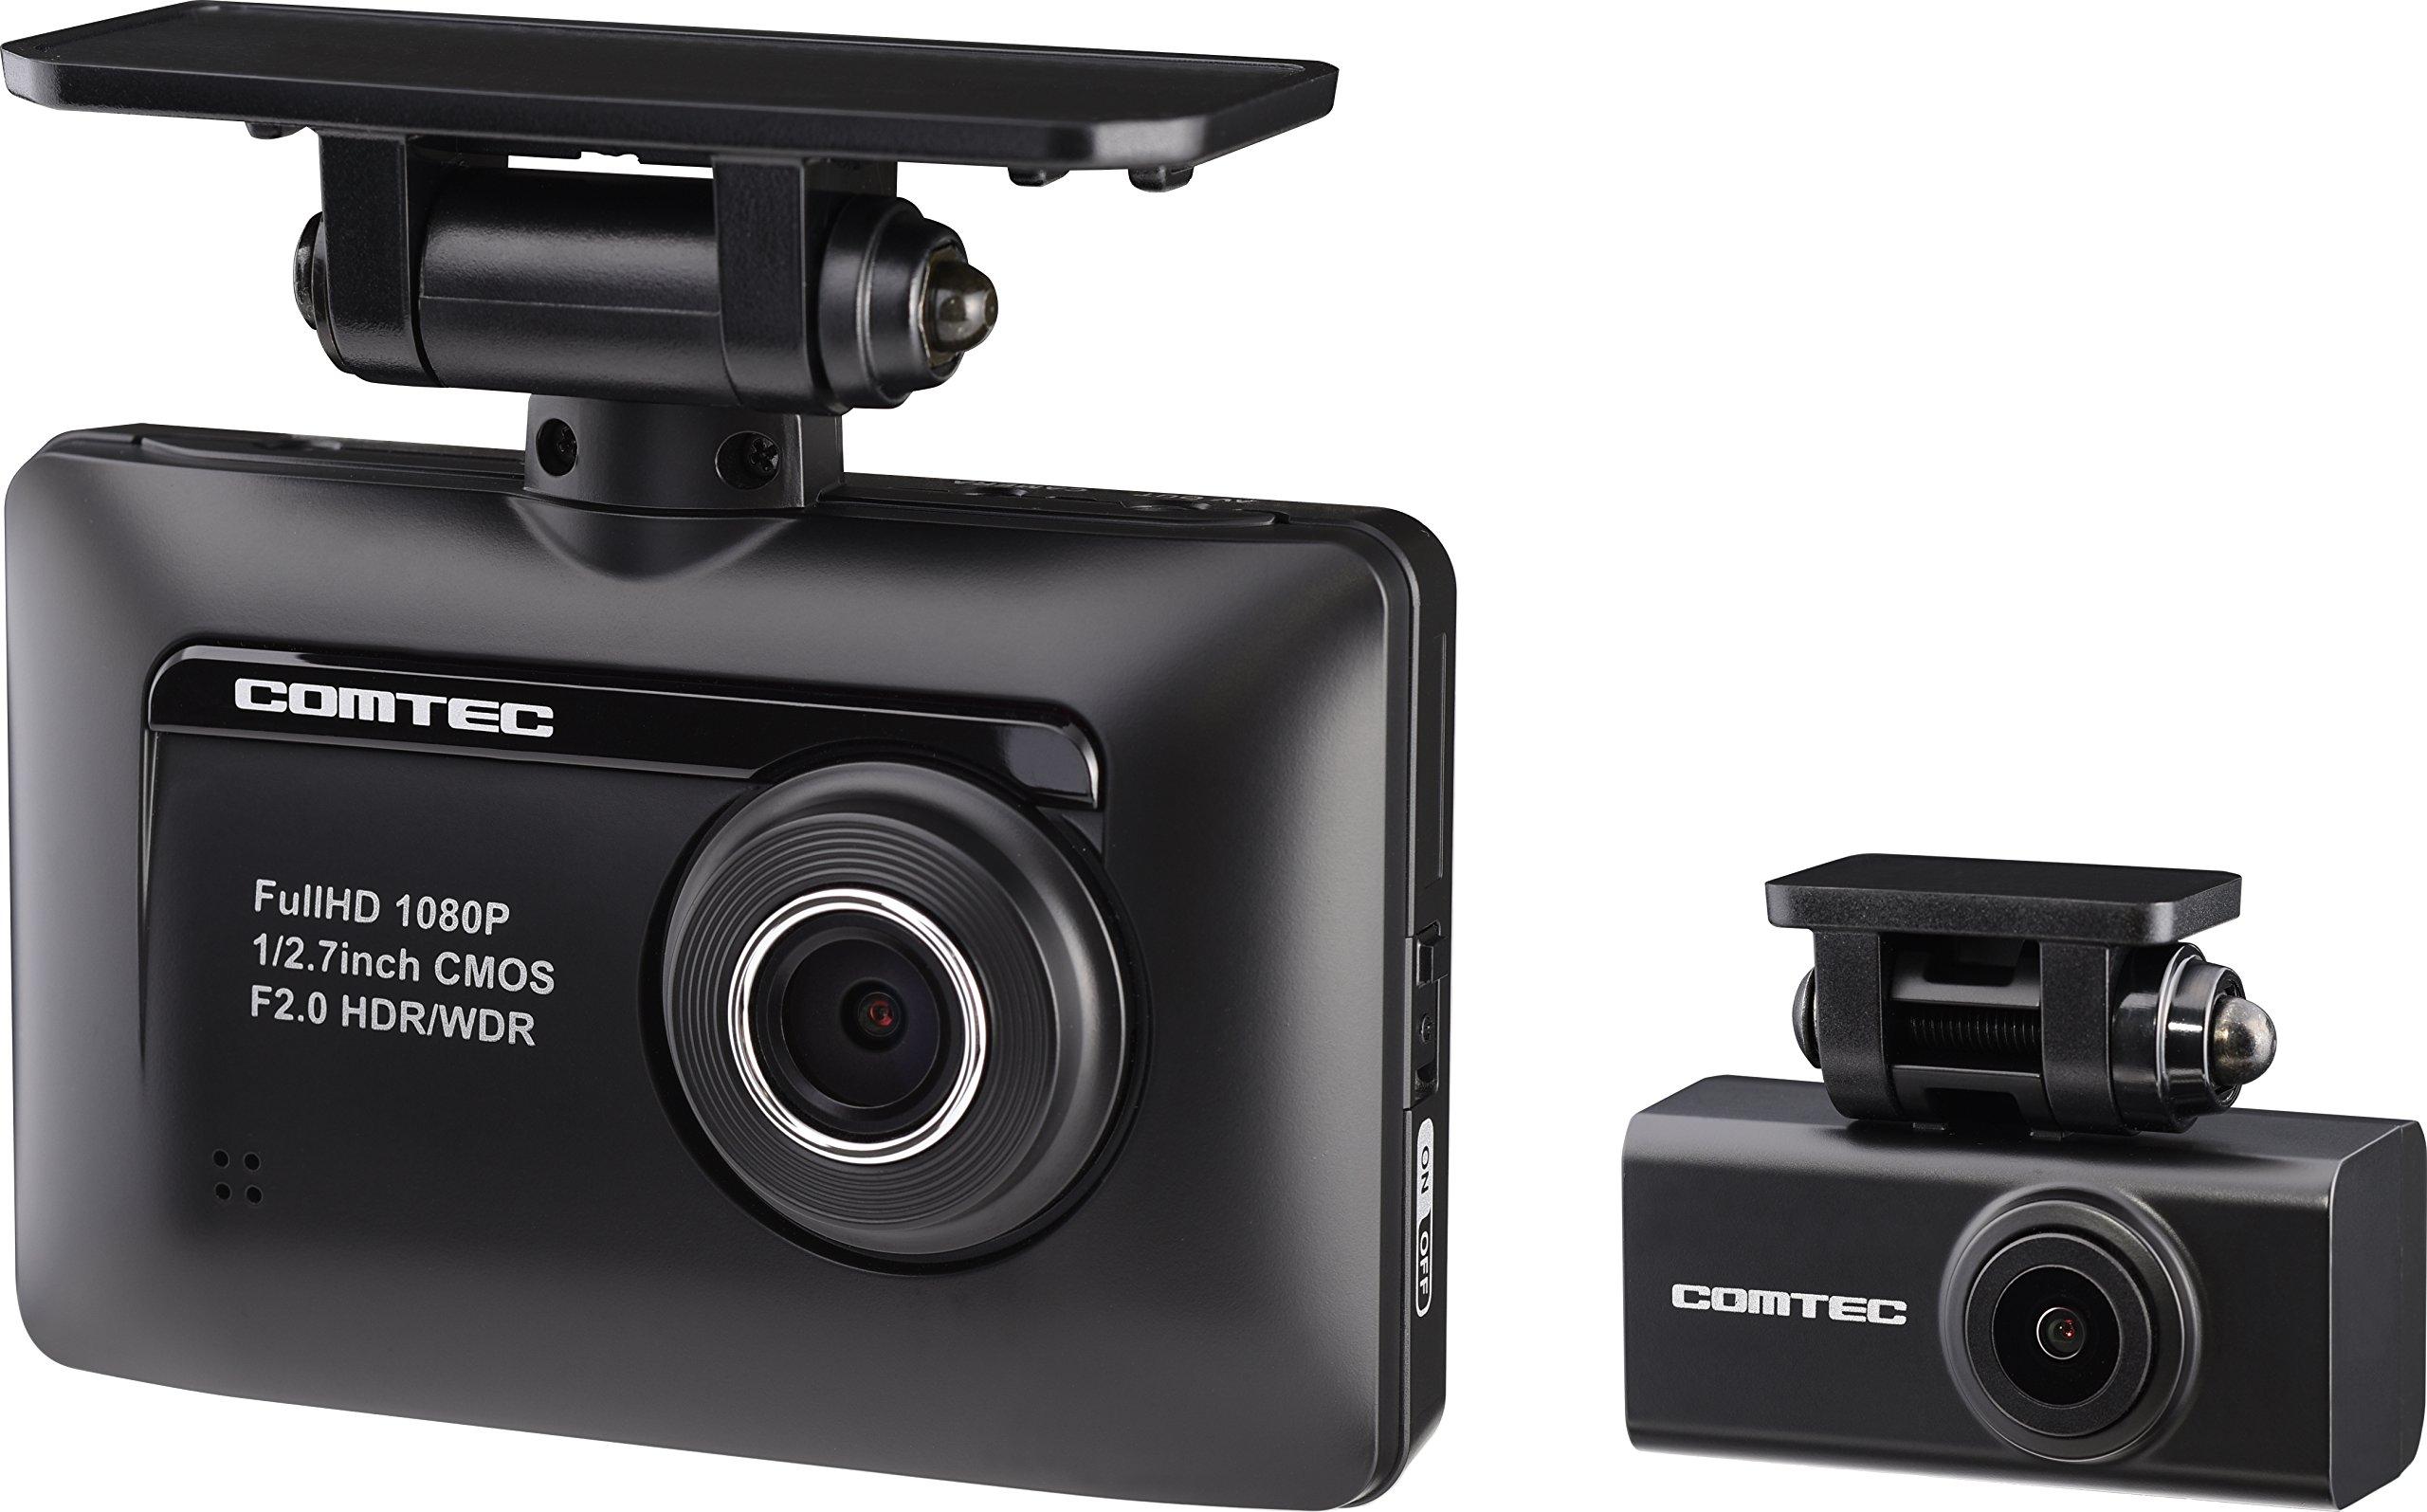 コムテック ドライブレコーダー ZDR-015 前後2カメラ 前後200万画素 microSDHC16GB付 Full HD GPS搭載 1年保証 常時/衝撃録画 高速起動 安全運転支援機能搭載 ZDR-015